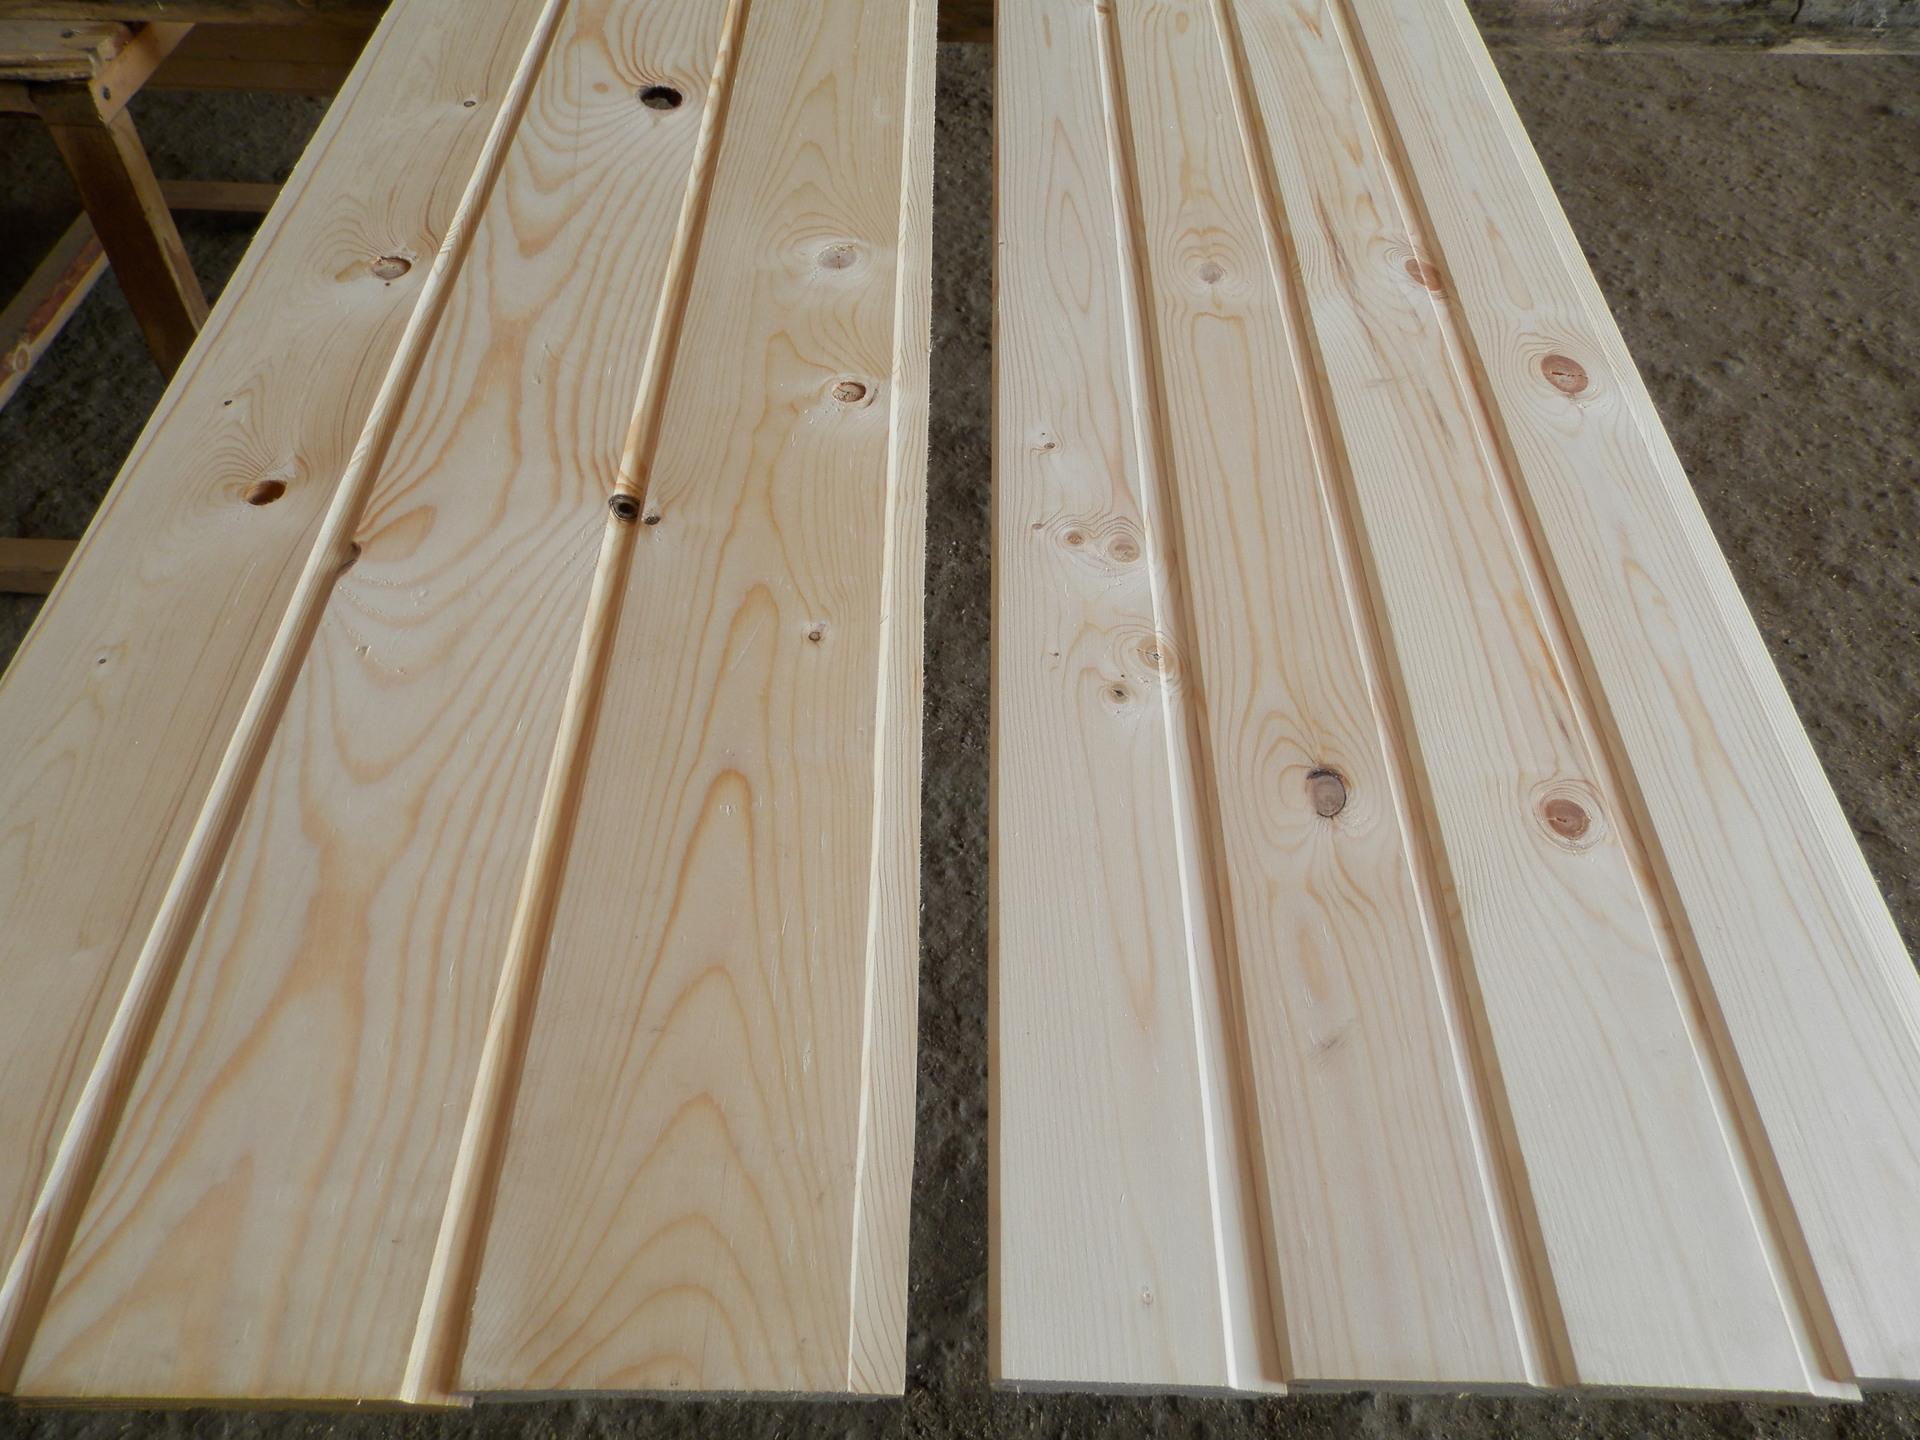 Вагонка деревянная (евровагонка) – выбираем хороший пиломатериал по характеристикам и свойствам